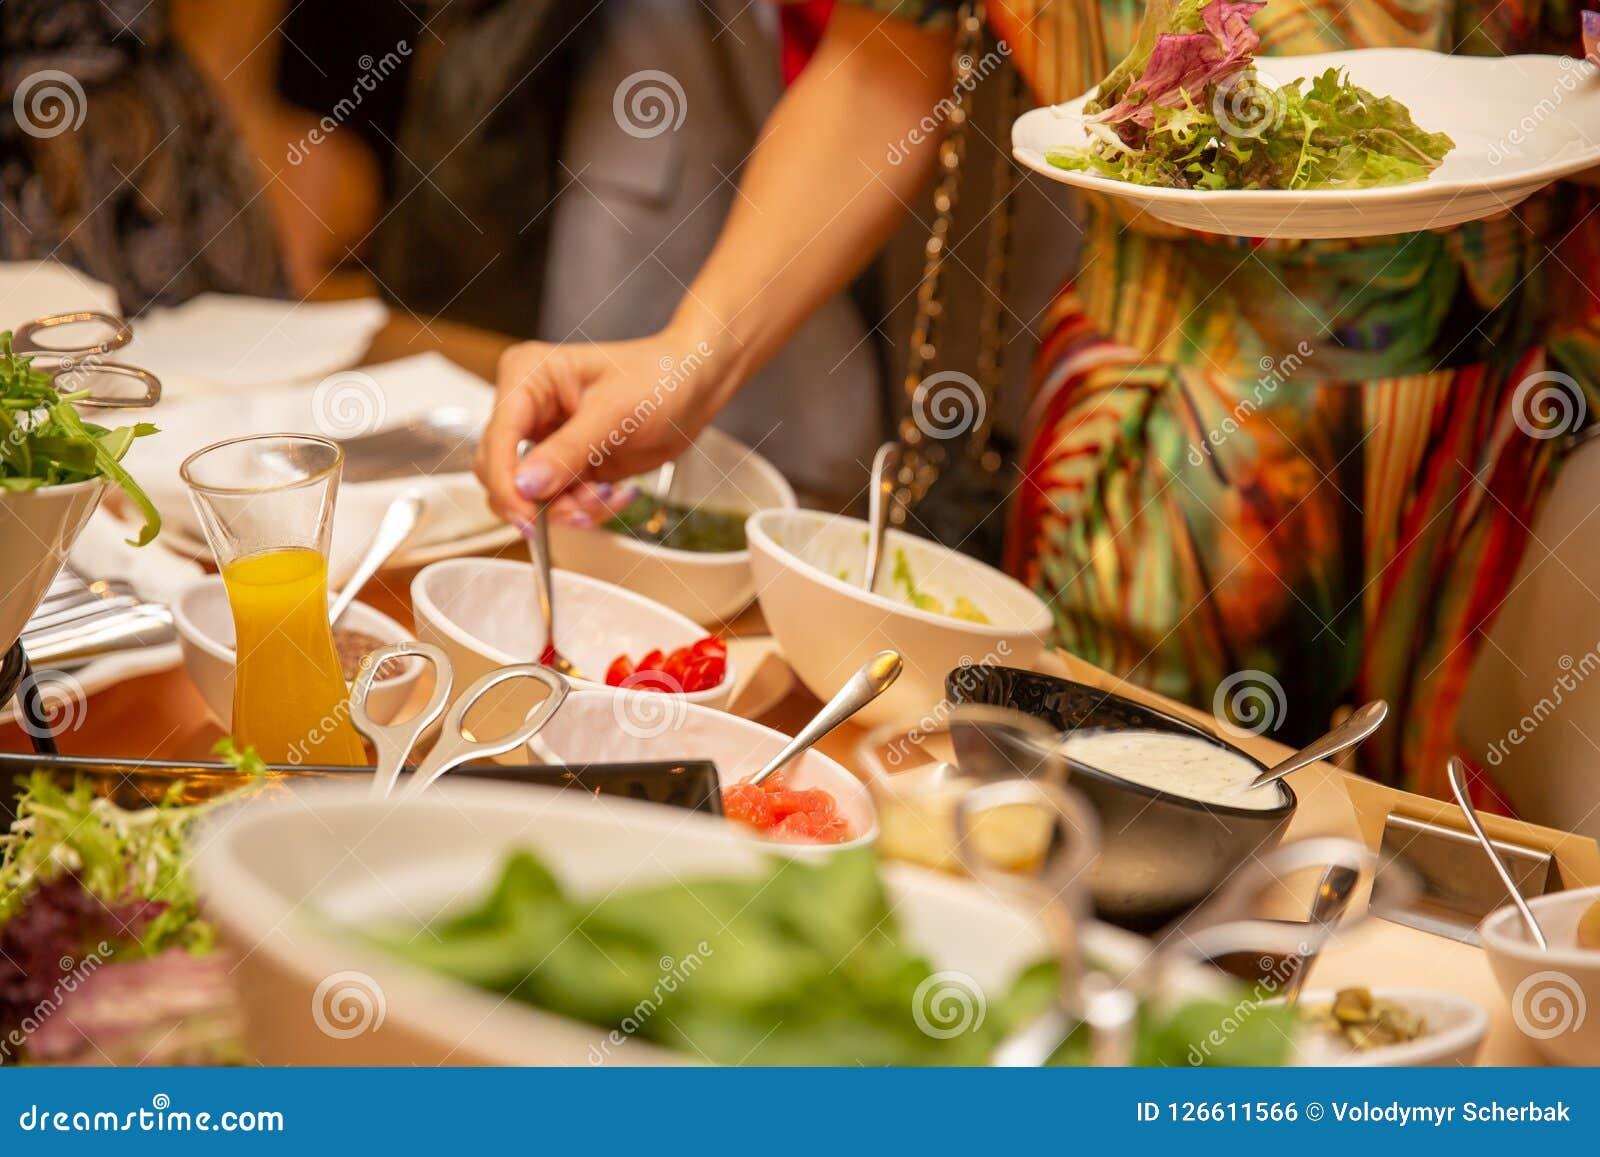 Группа в составе туристы обедает фреска al Женщина кладет еду buffed